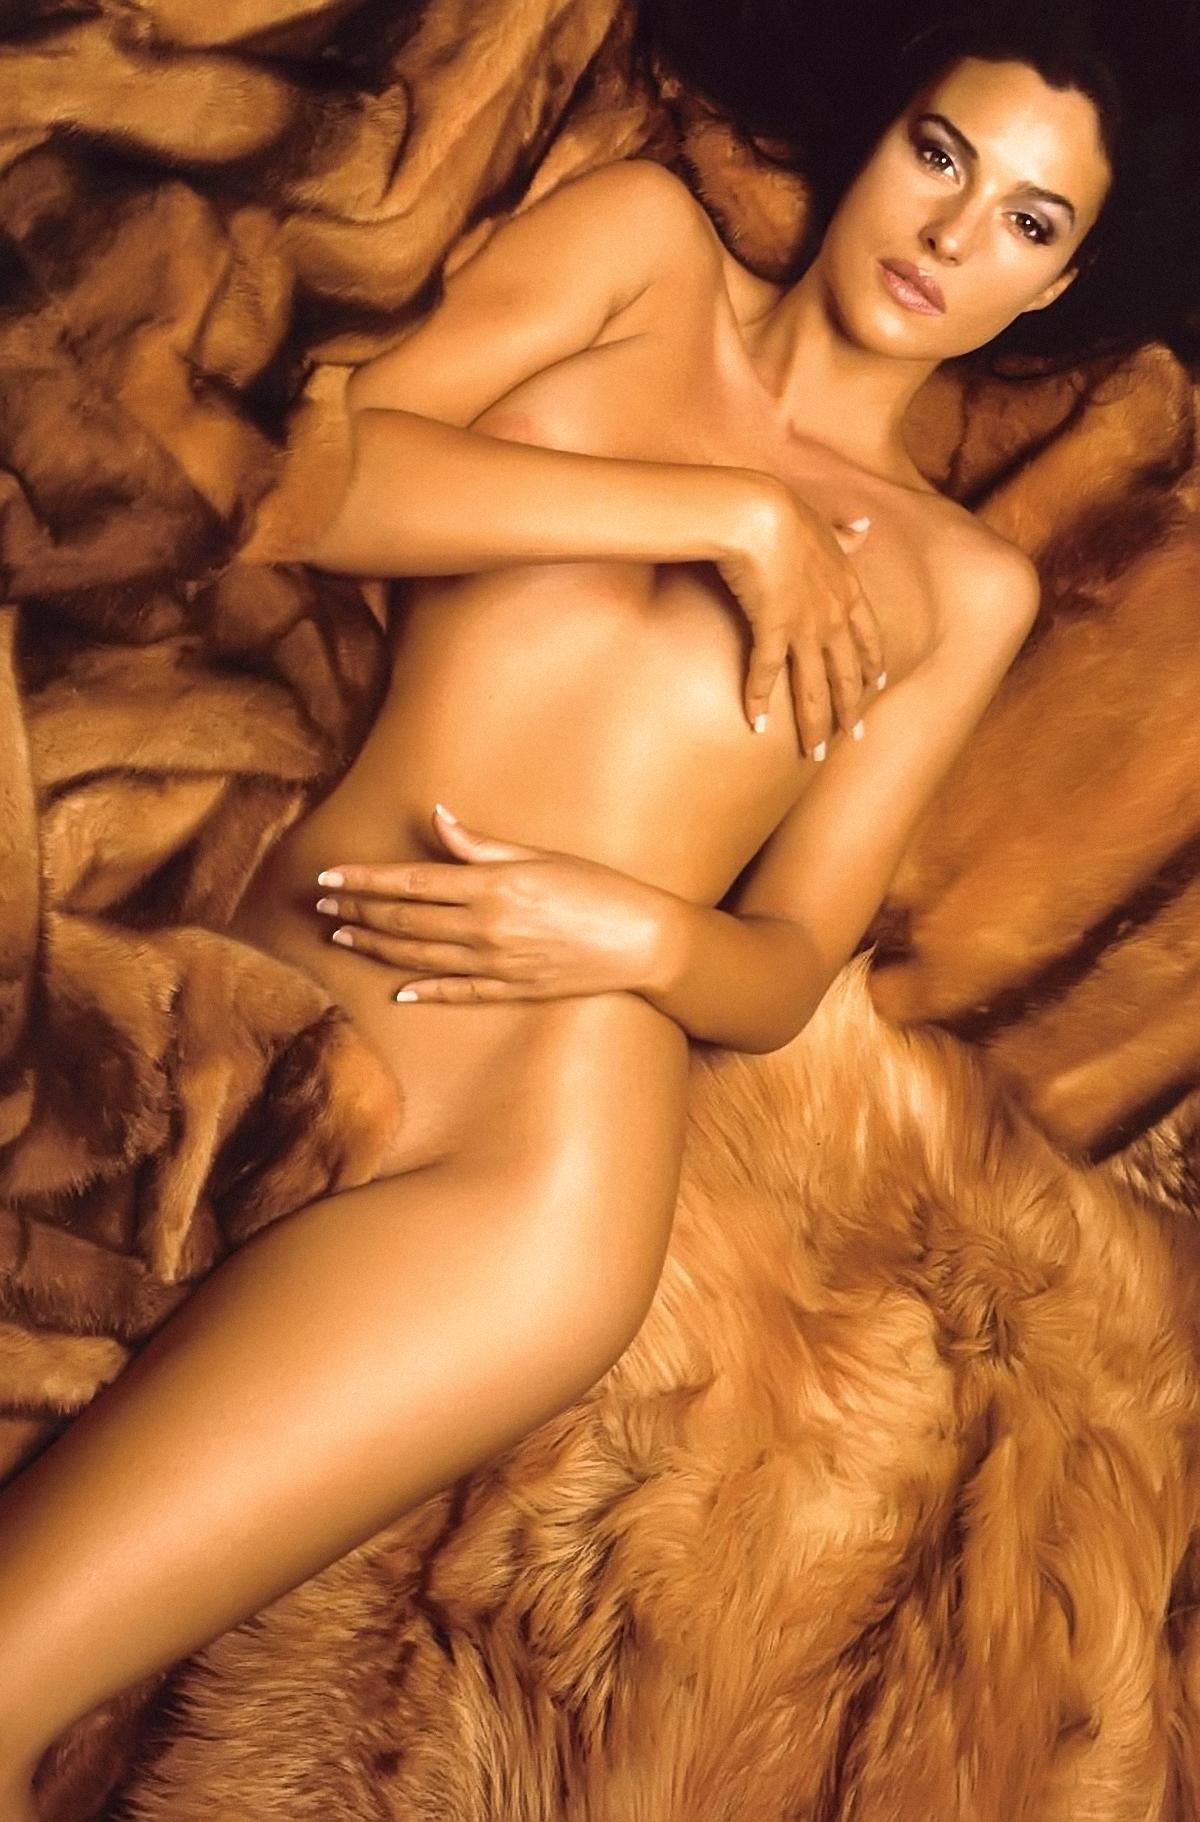 Фотки итальянских женщин голыми секс 7 фотография